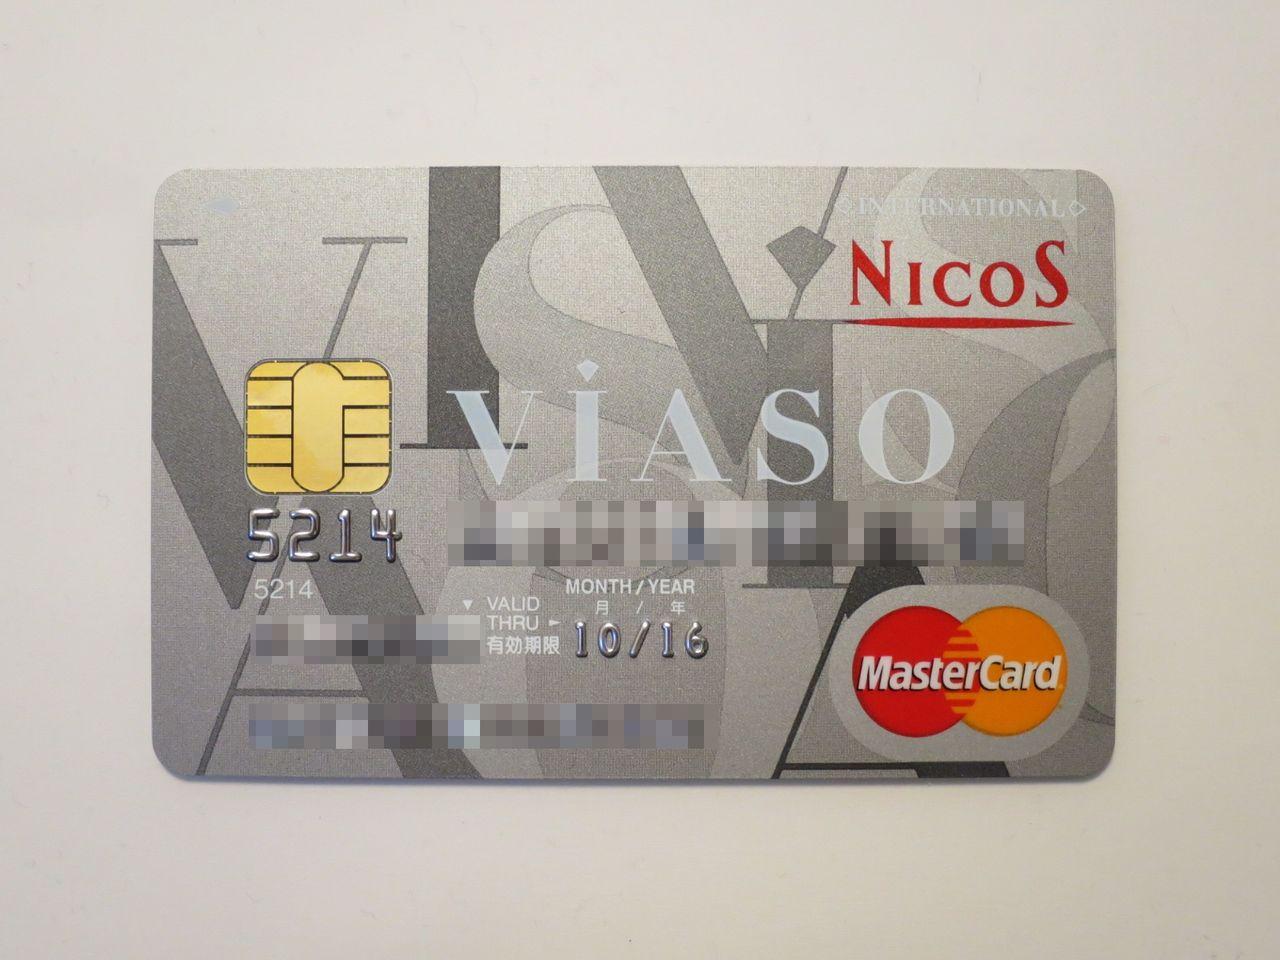 Image-VIASO-credit-card